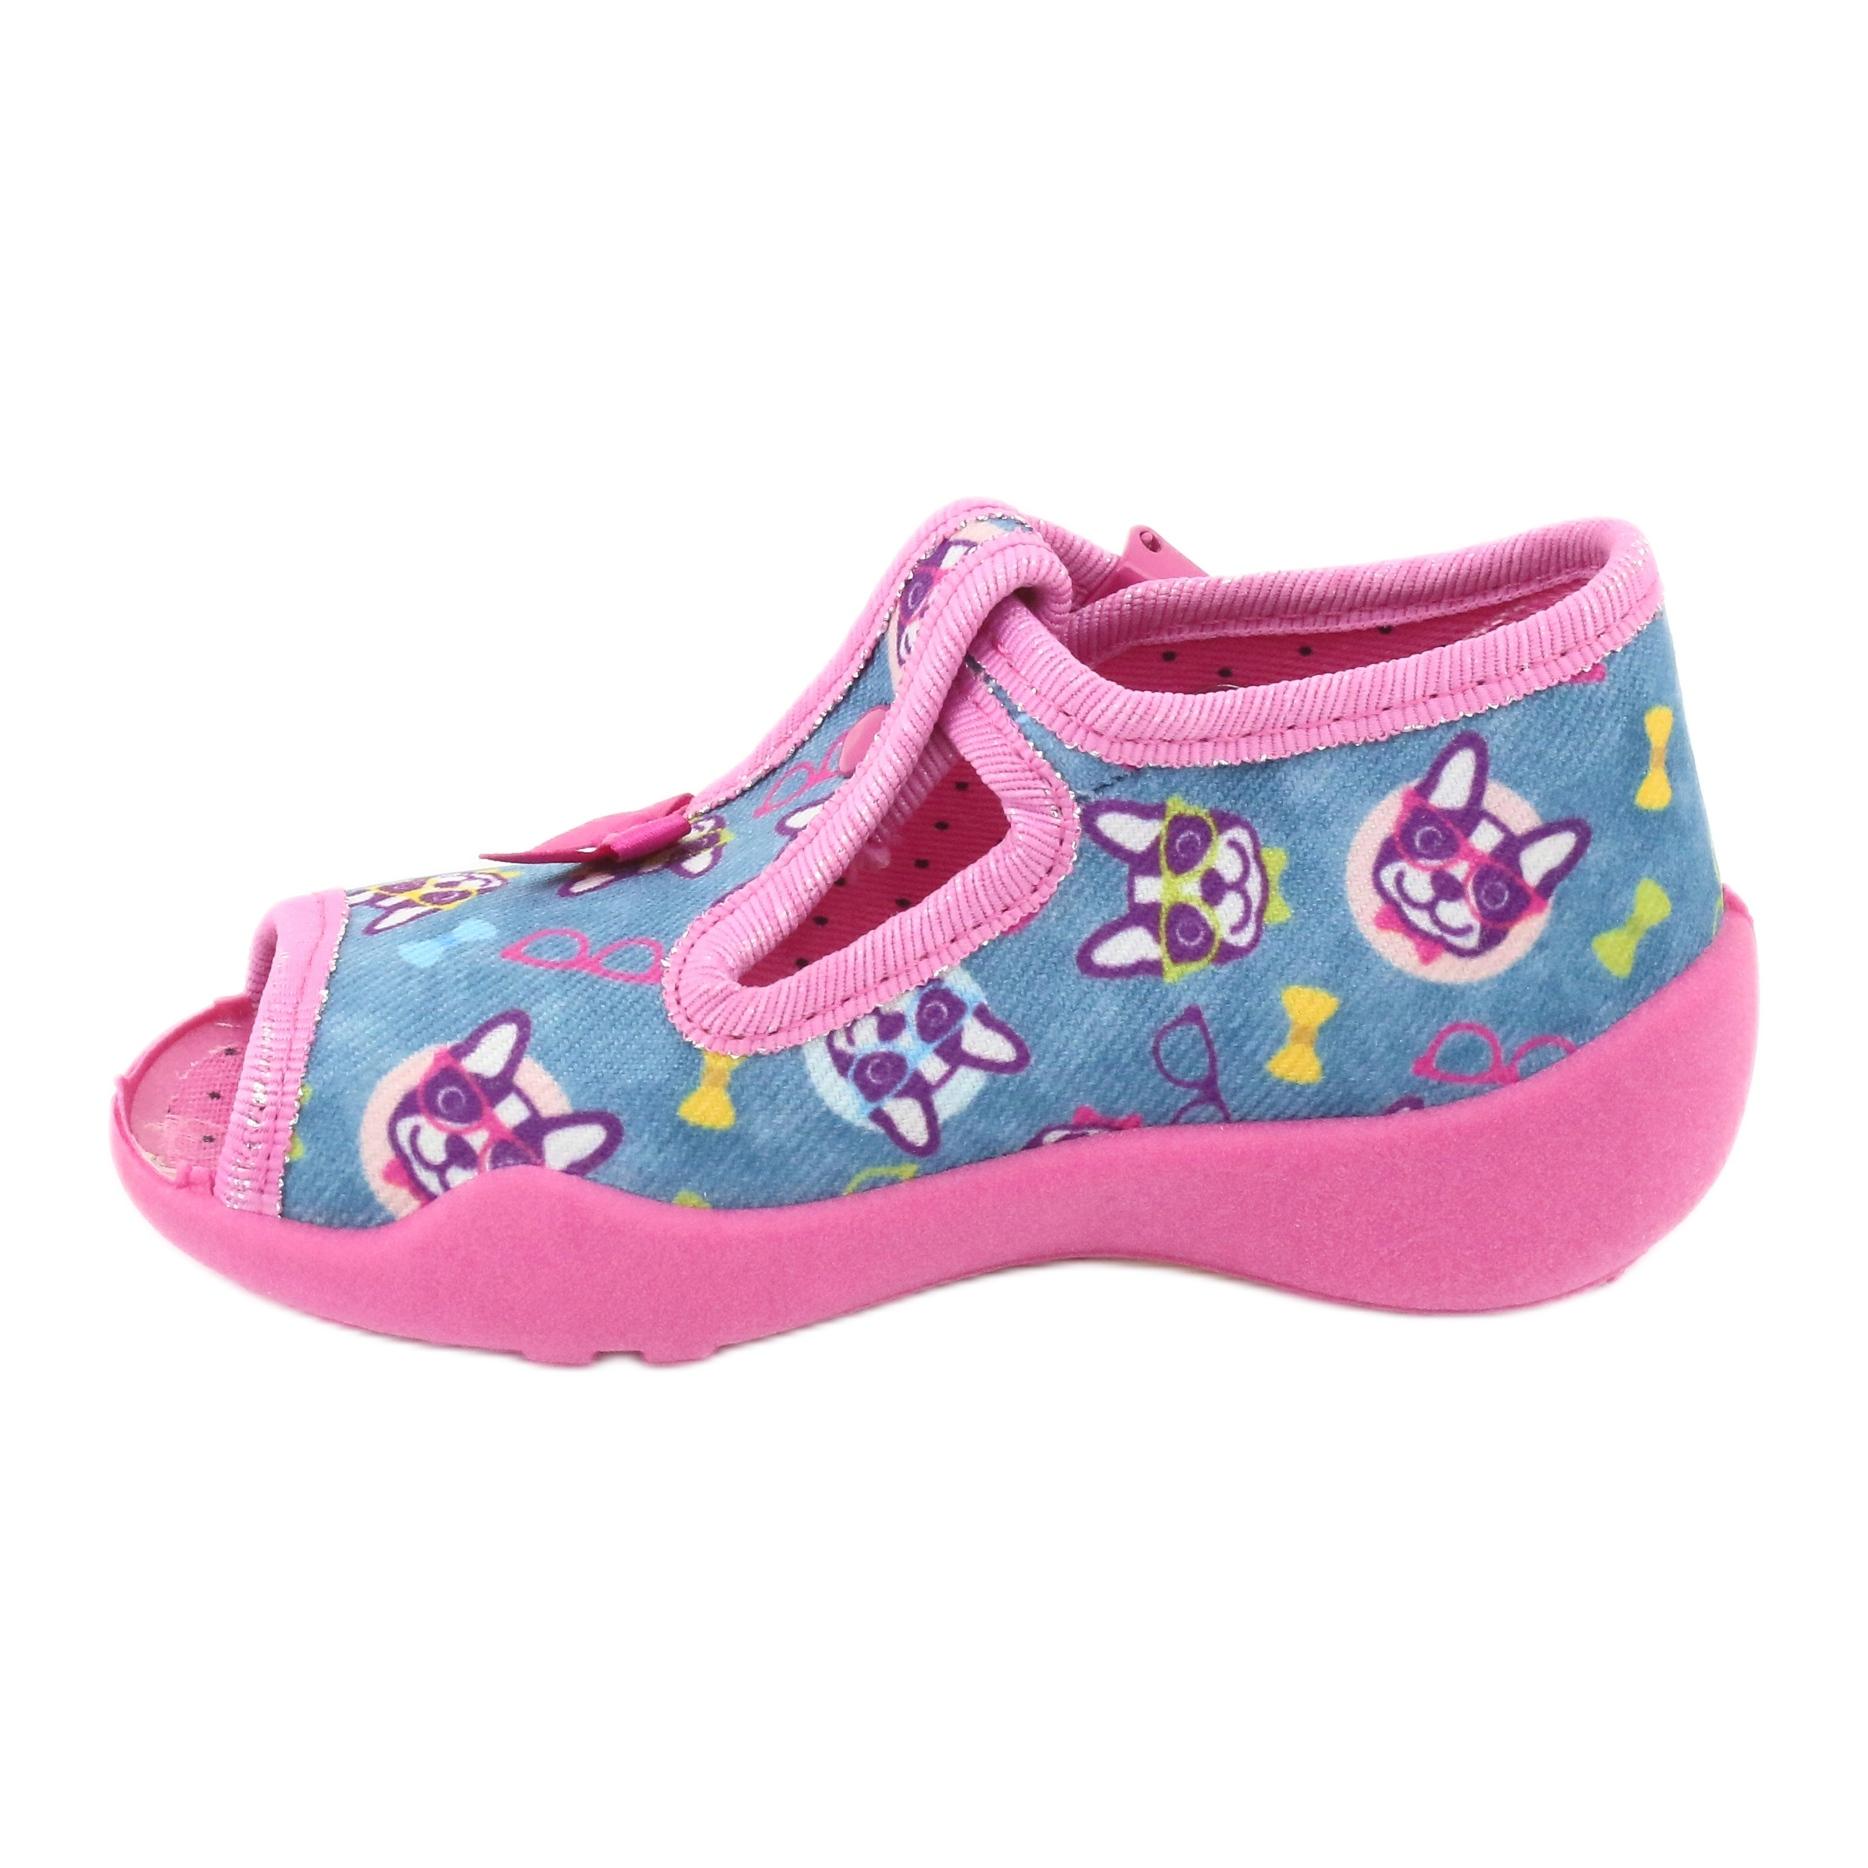 miniatura 4 - Scarpe per bambini rosa Befado 213P113 blu multicolore